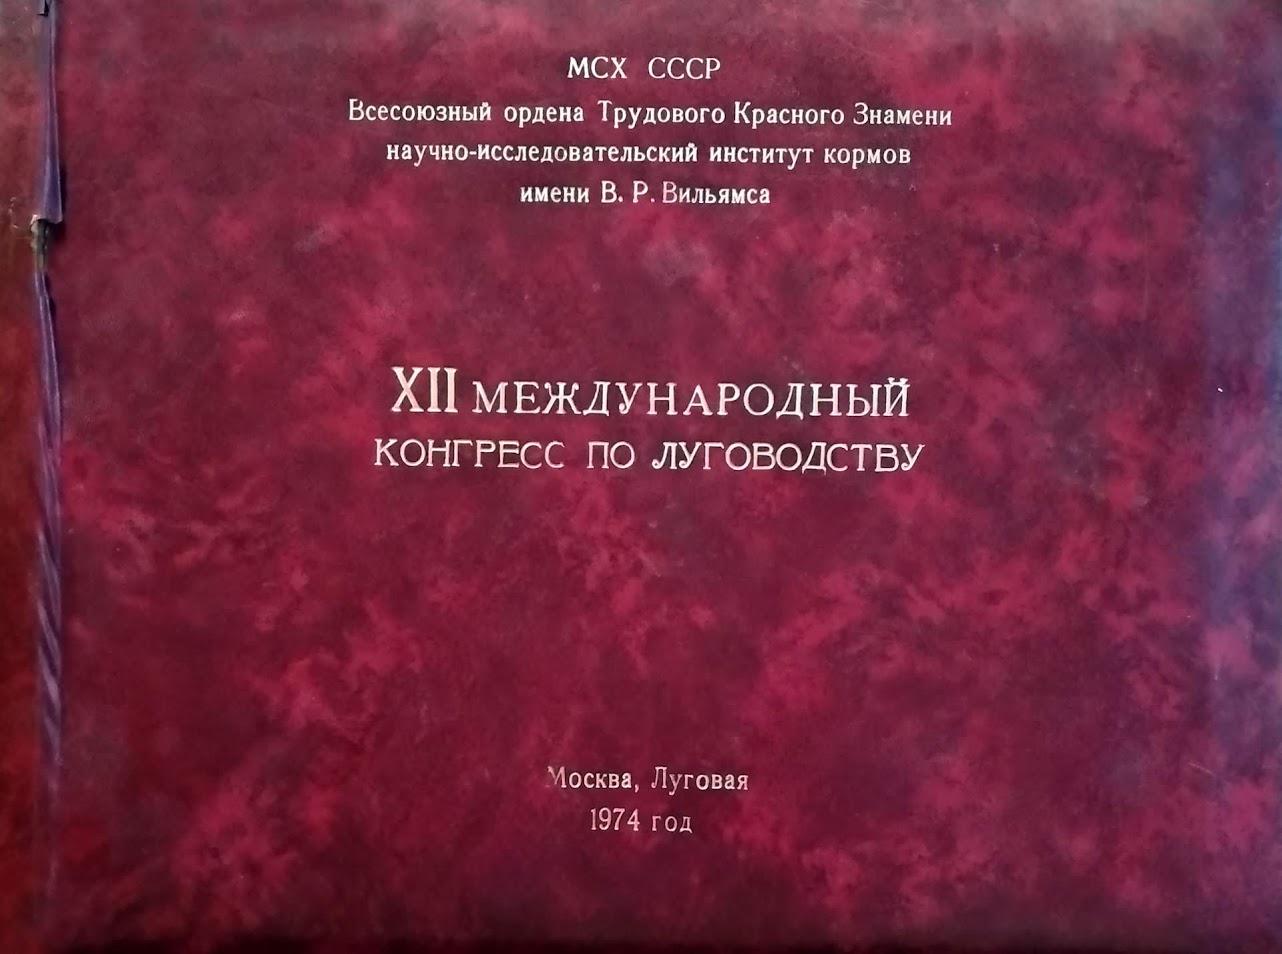 Международный конгресс по луговодству. 1974 год. Альбом фотографий.